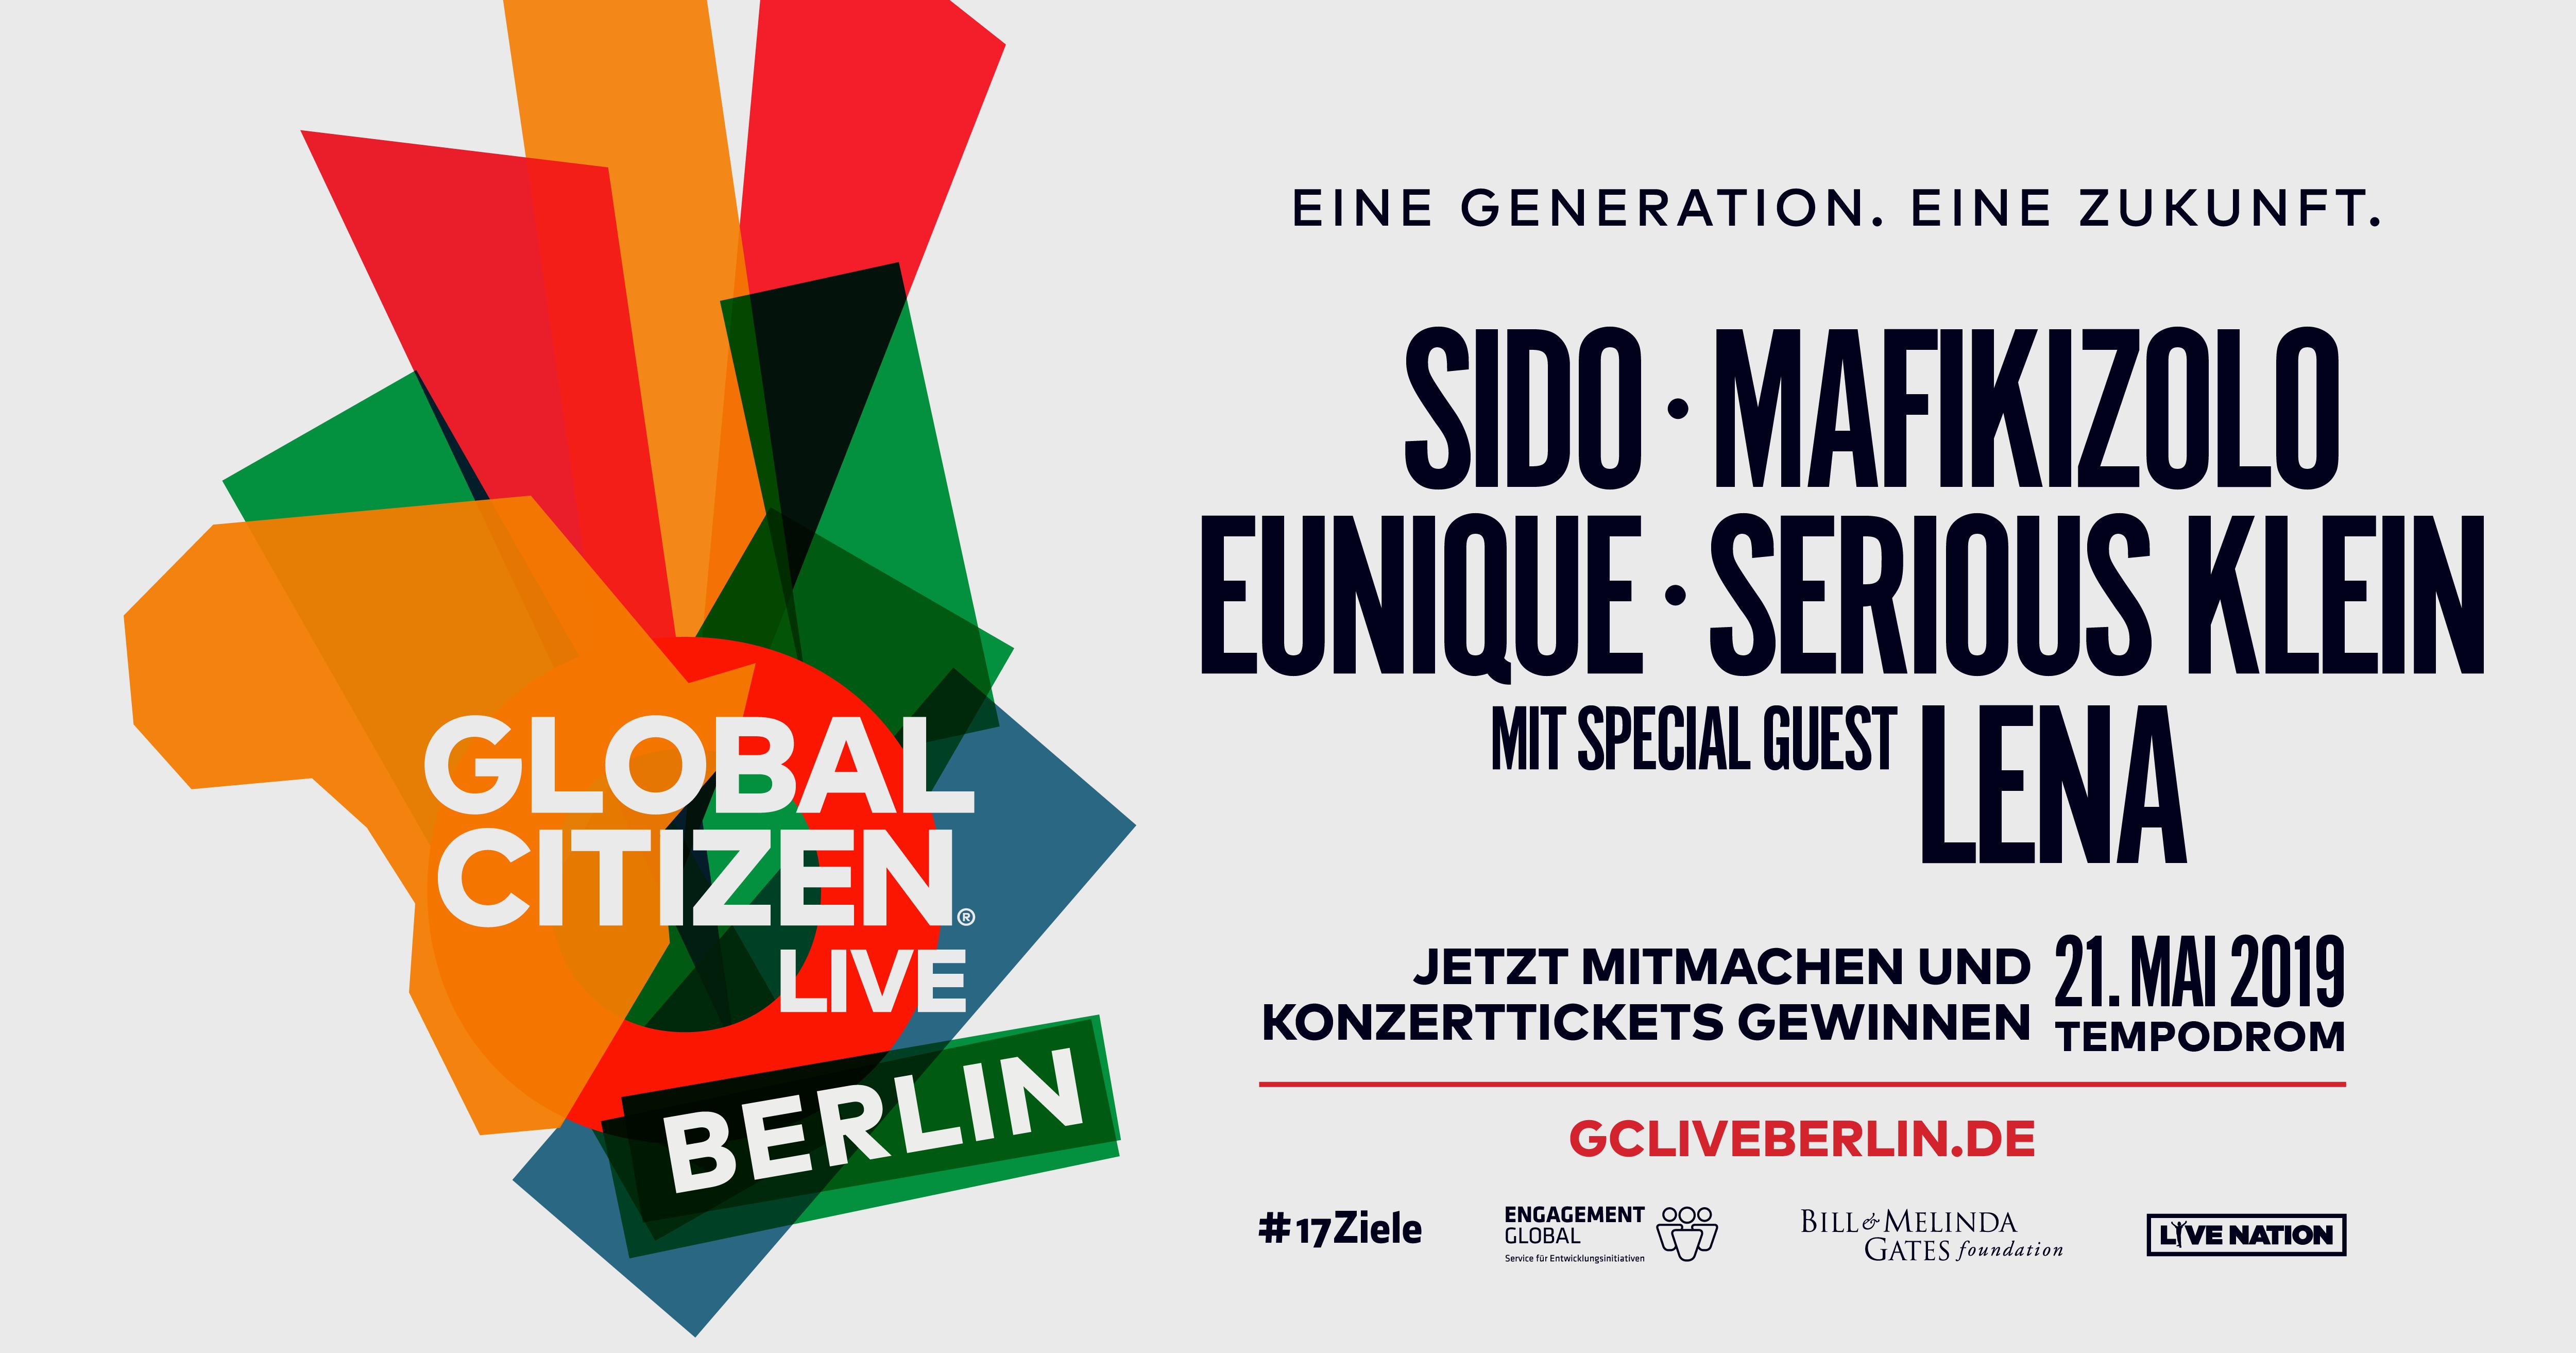 GCLIVE_BERLIN_ADMAT_SOCIALS 2_Editorial Image_1200x630.png